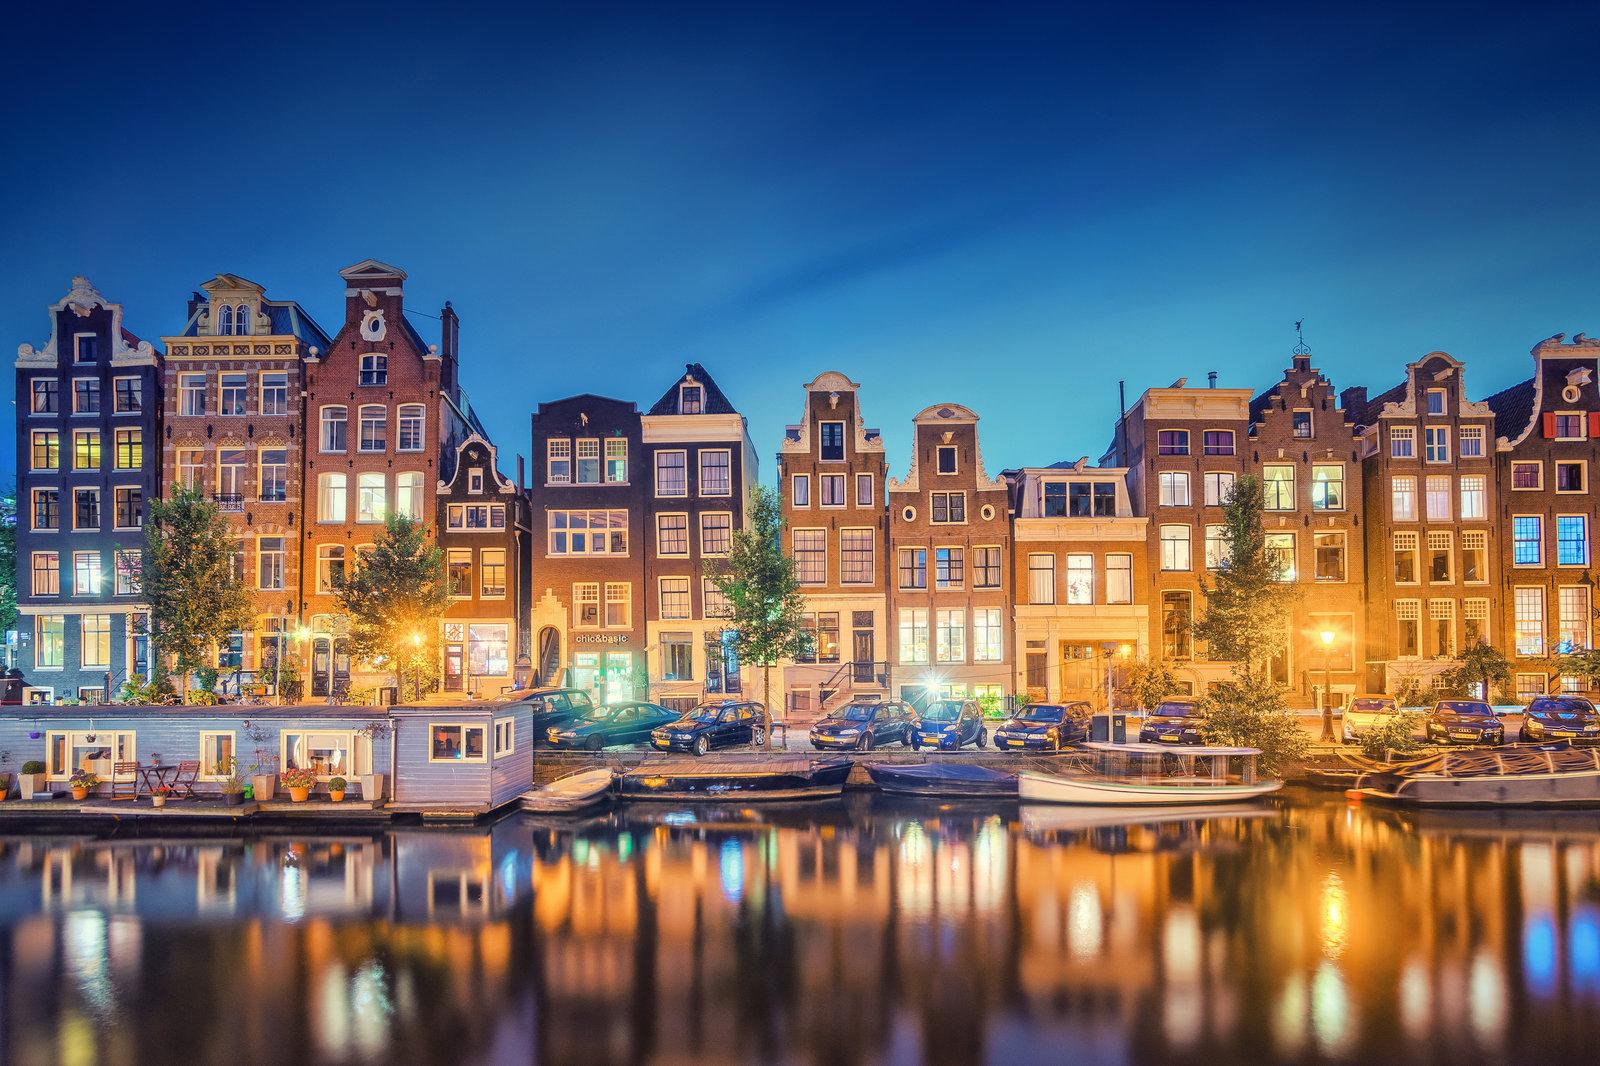 quanto costa mangiare in un ristorante di Amsterdam